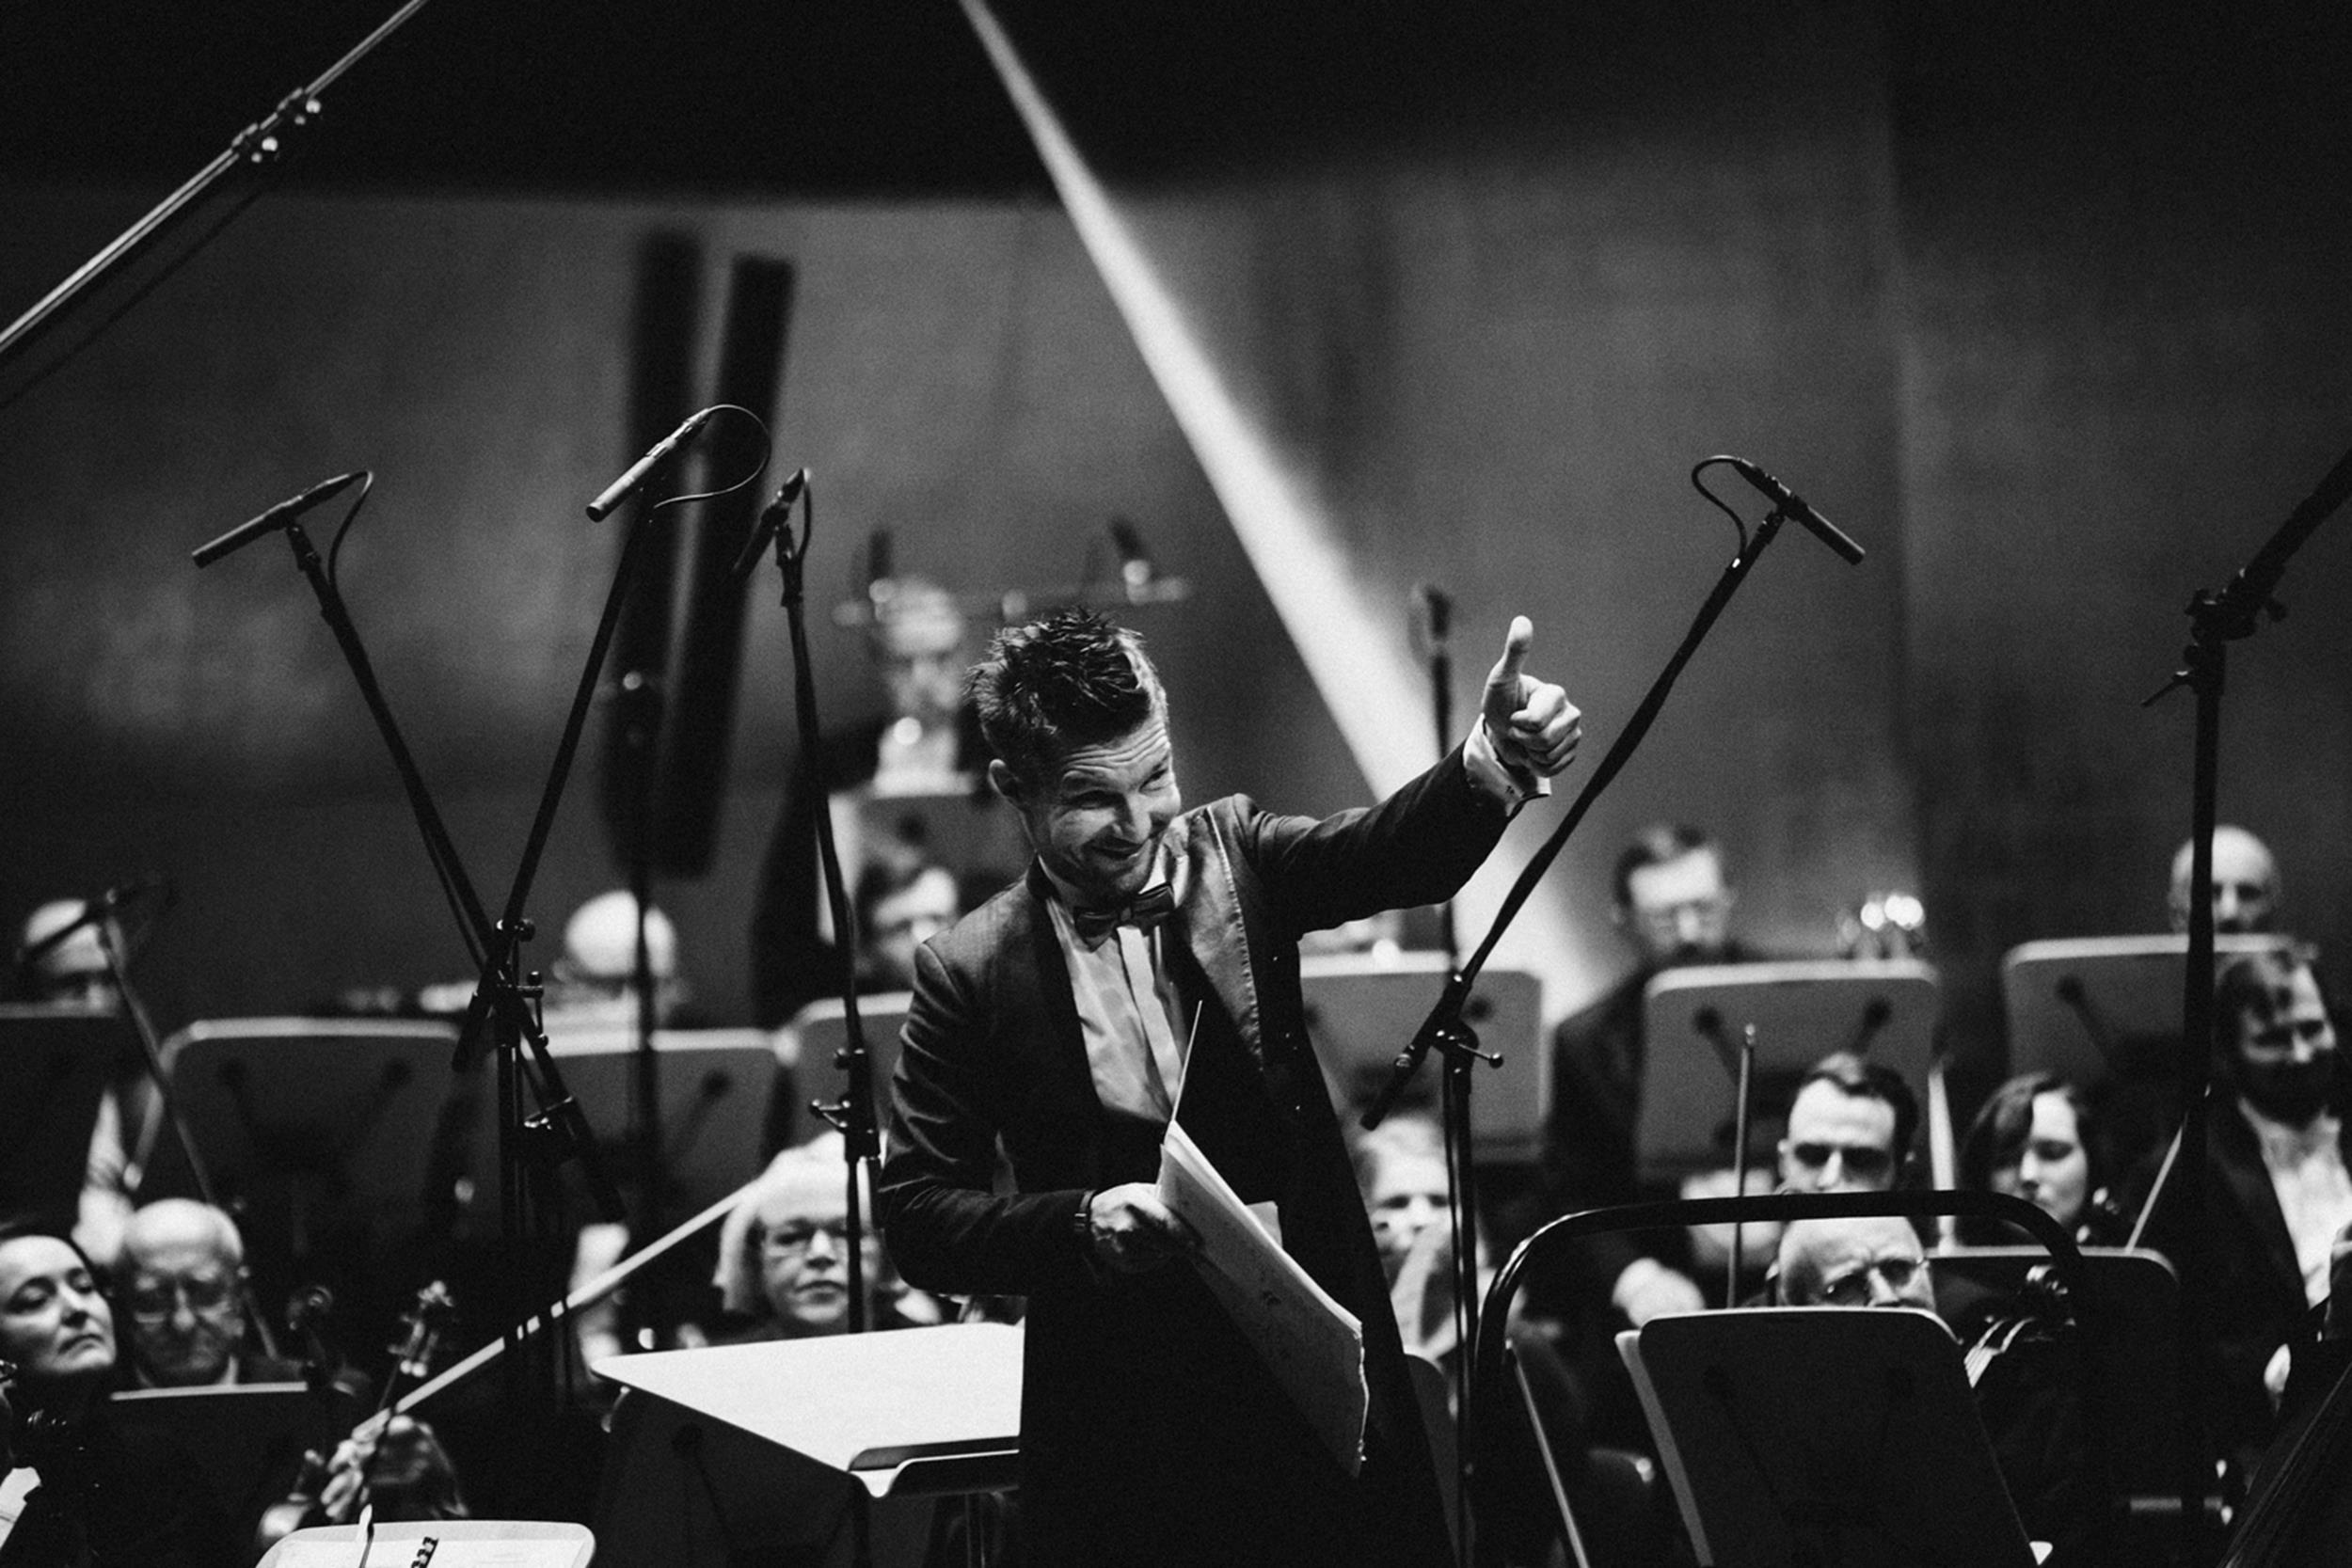 Adam Sztaba i Orkiestra Filharmonii im. M Karłowicza Fot. Kinga Karpati&Daniel Zarewicz PRESTIGE PORTRETS